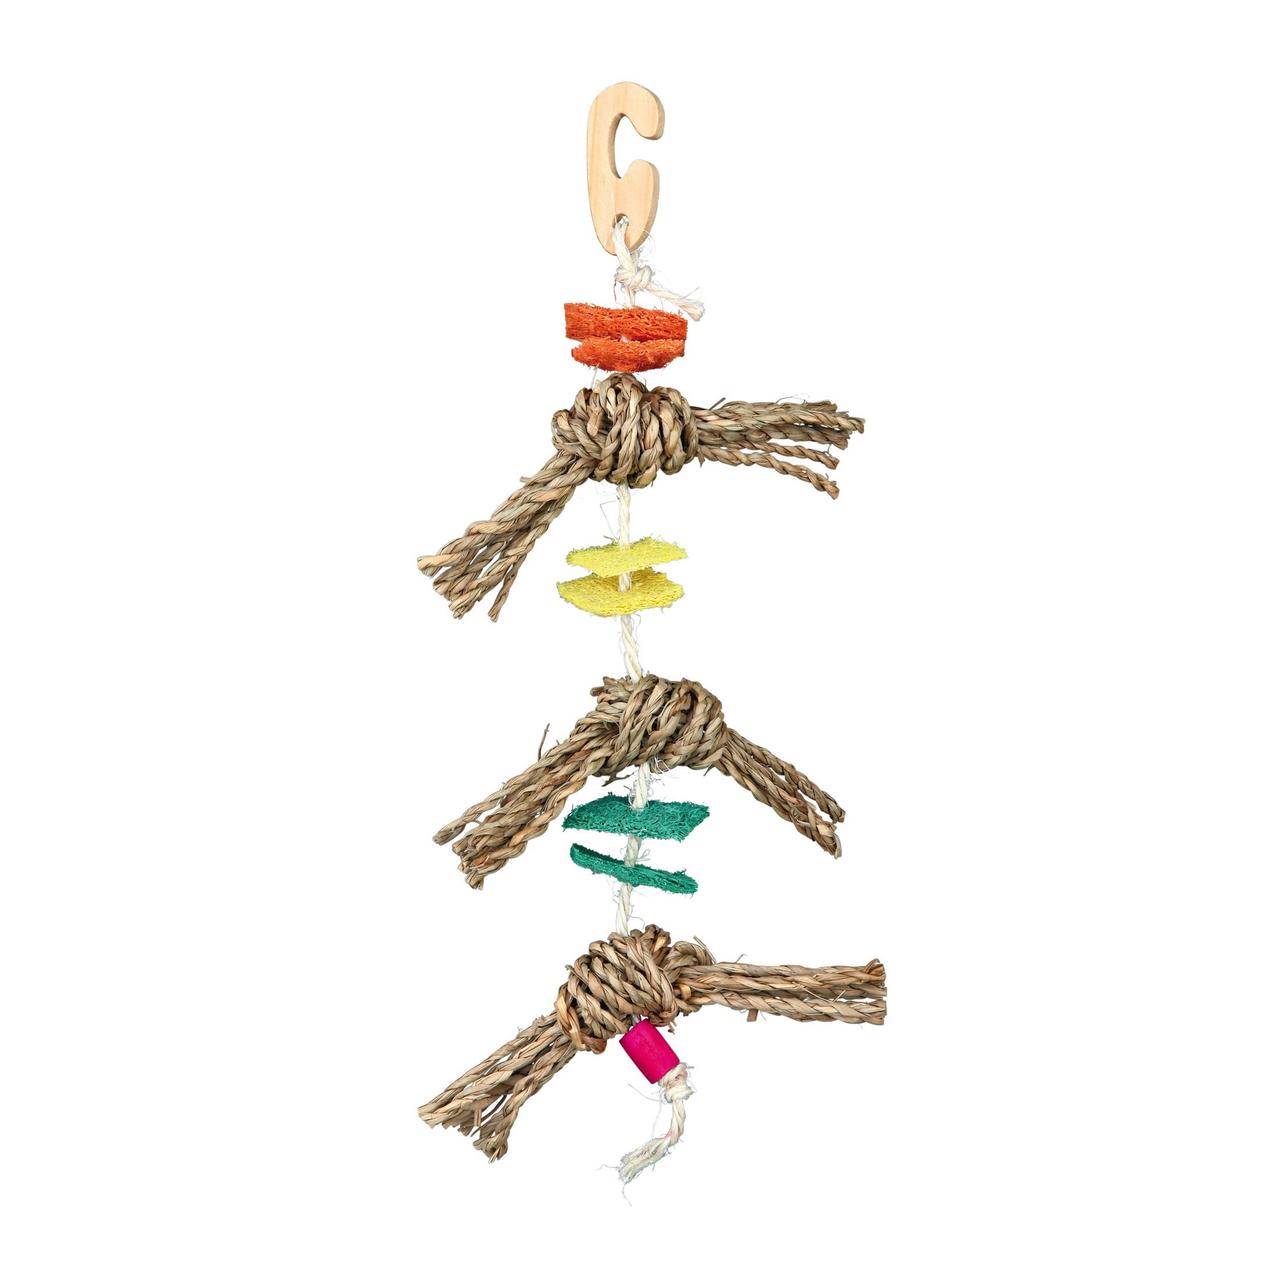 Игрушка для птиц Trixie подвесная 43 см (натуральные материалы)